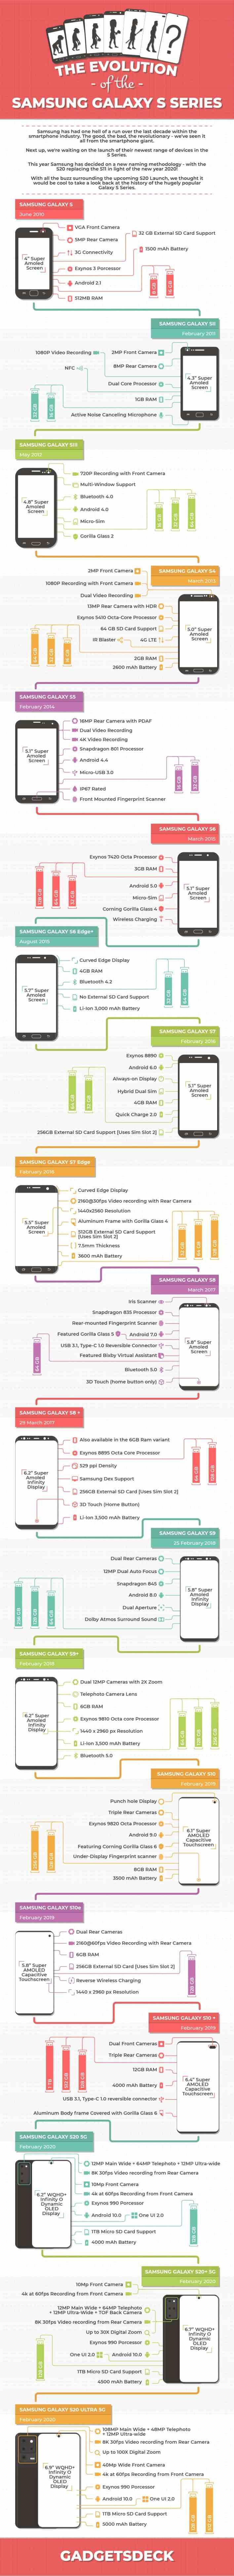 التطور الكامل لسلسلة Galaxy S